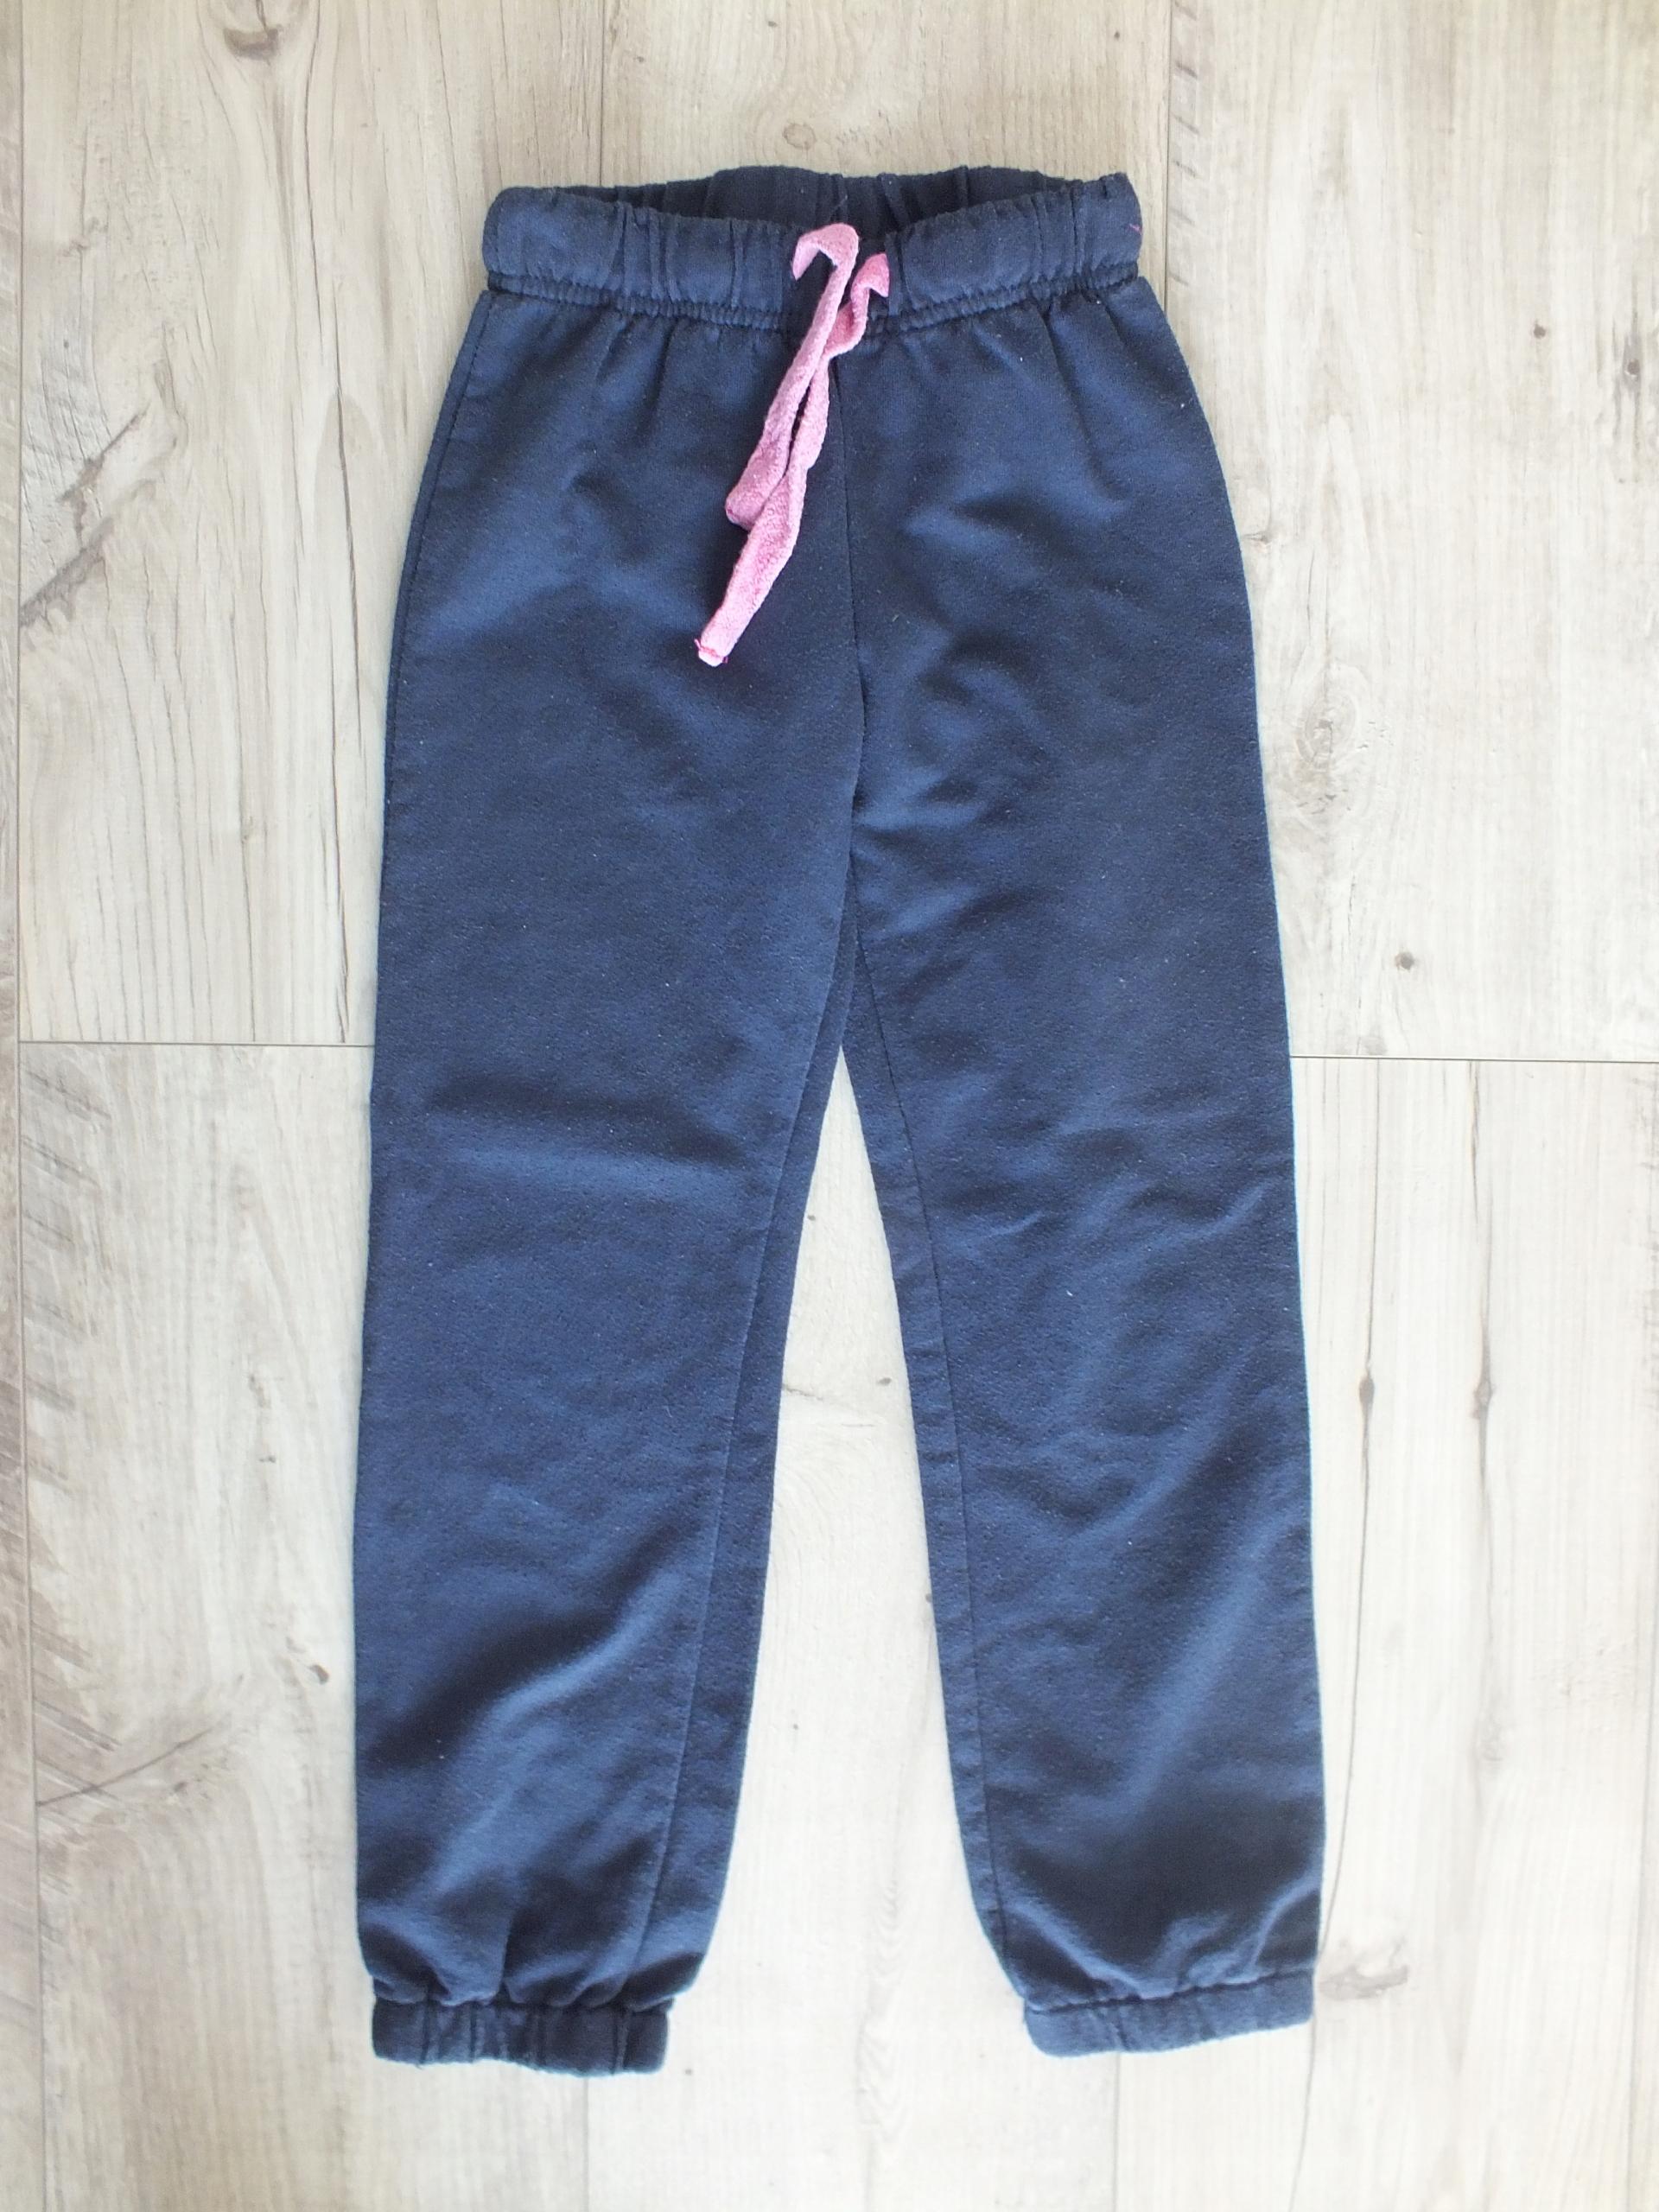 Spodnie dresowe 5.10.15 rozm.116